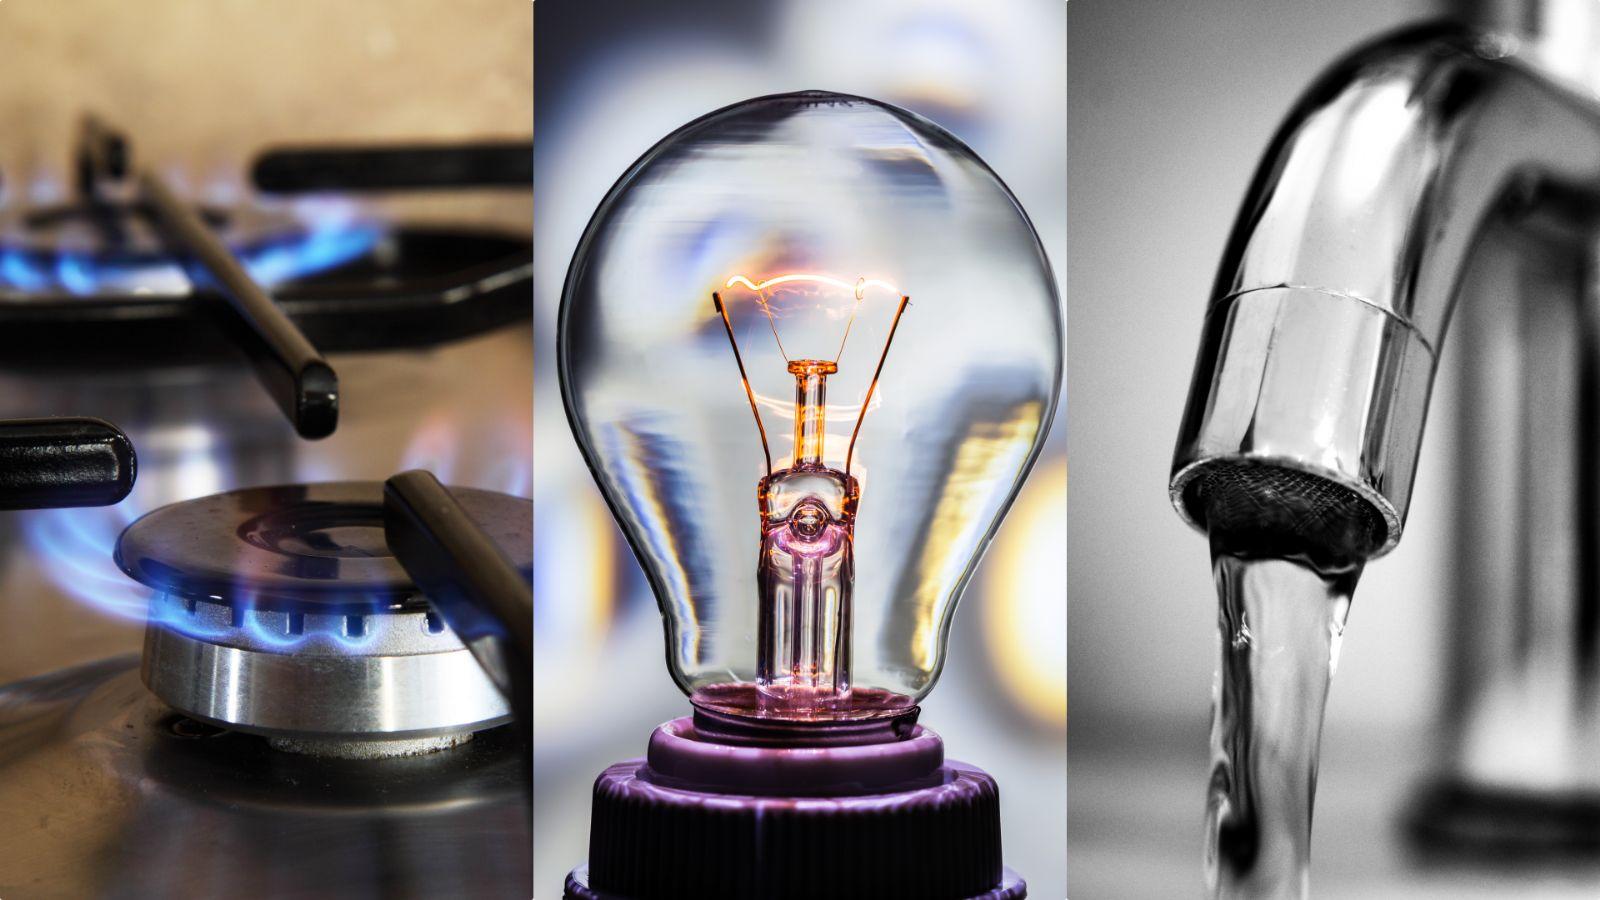 Il bonus elettricità/gas/acqua per disagio economico diventa automatico